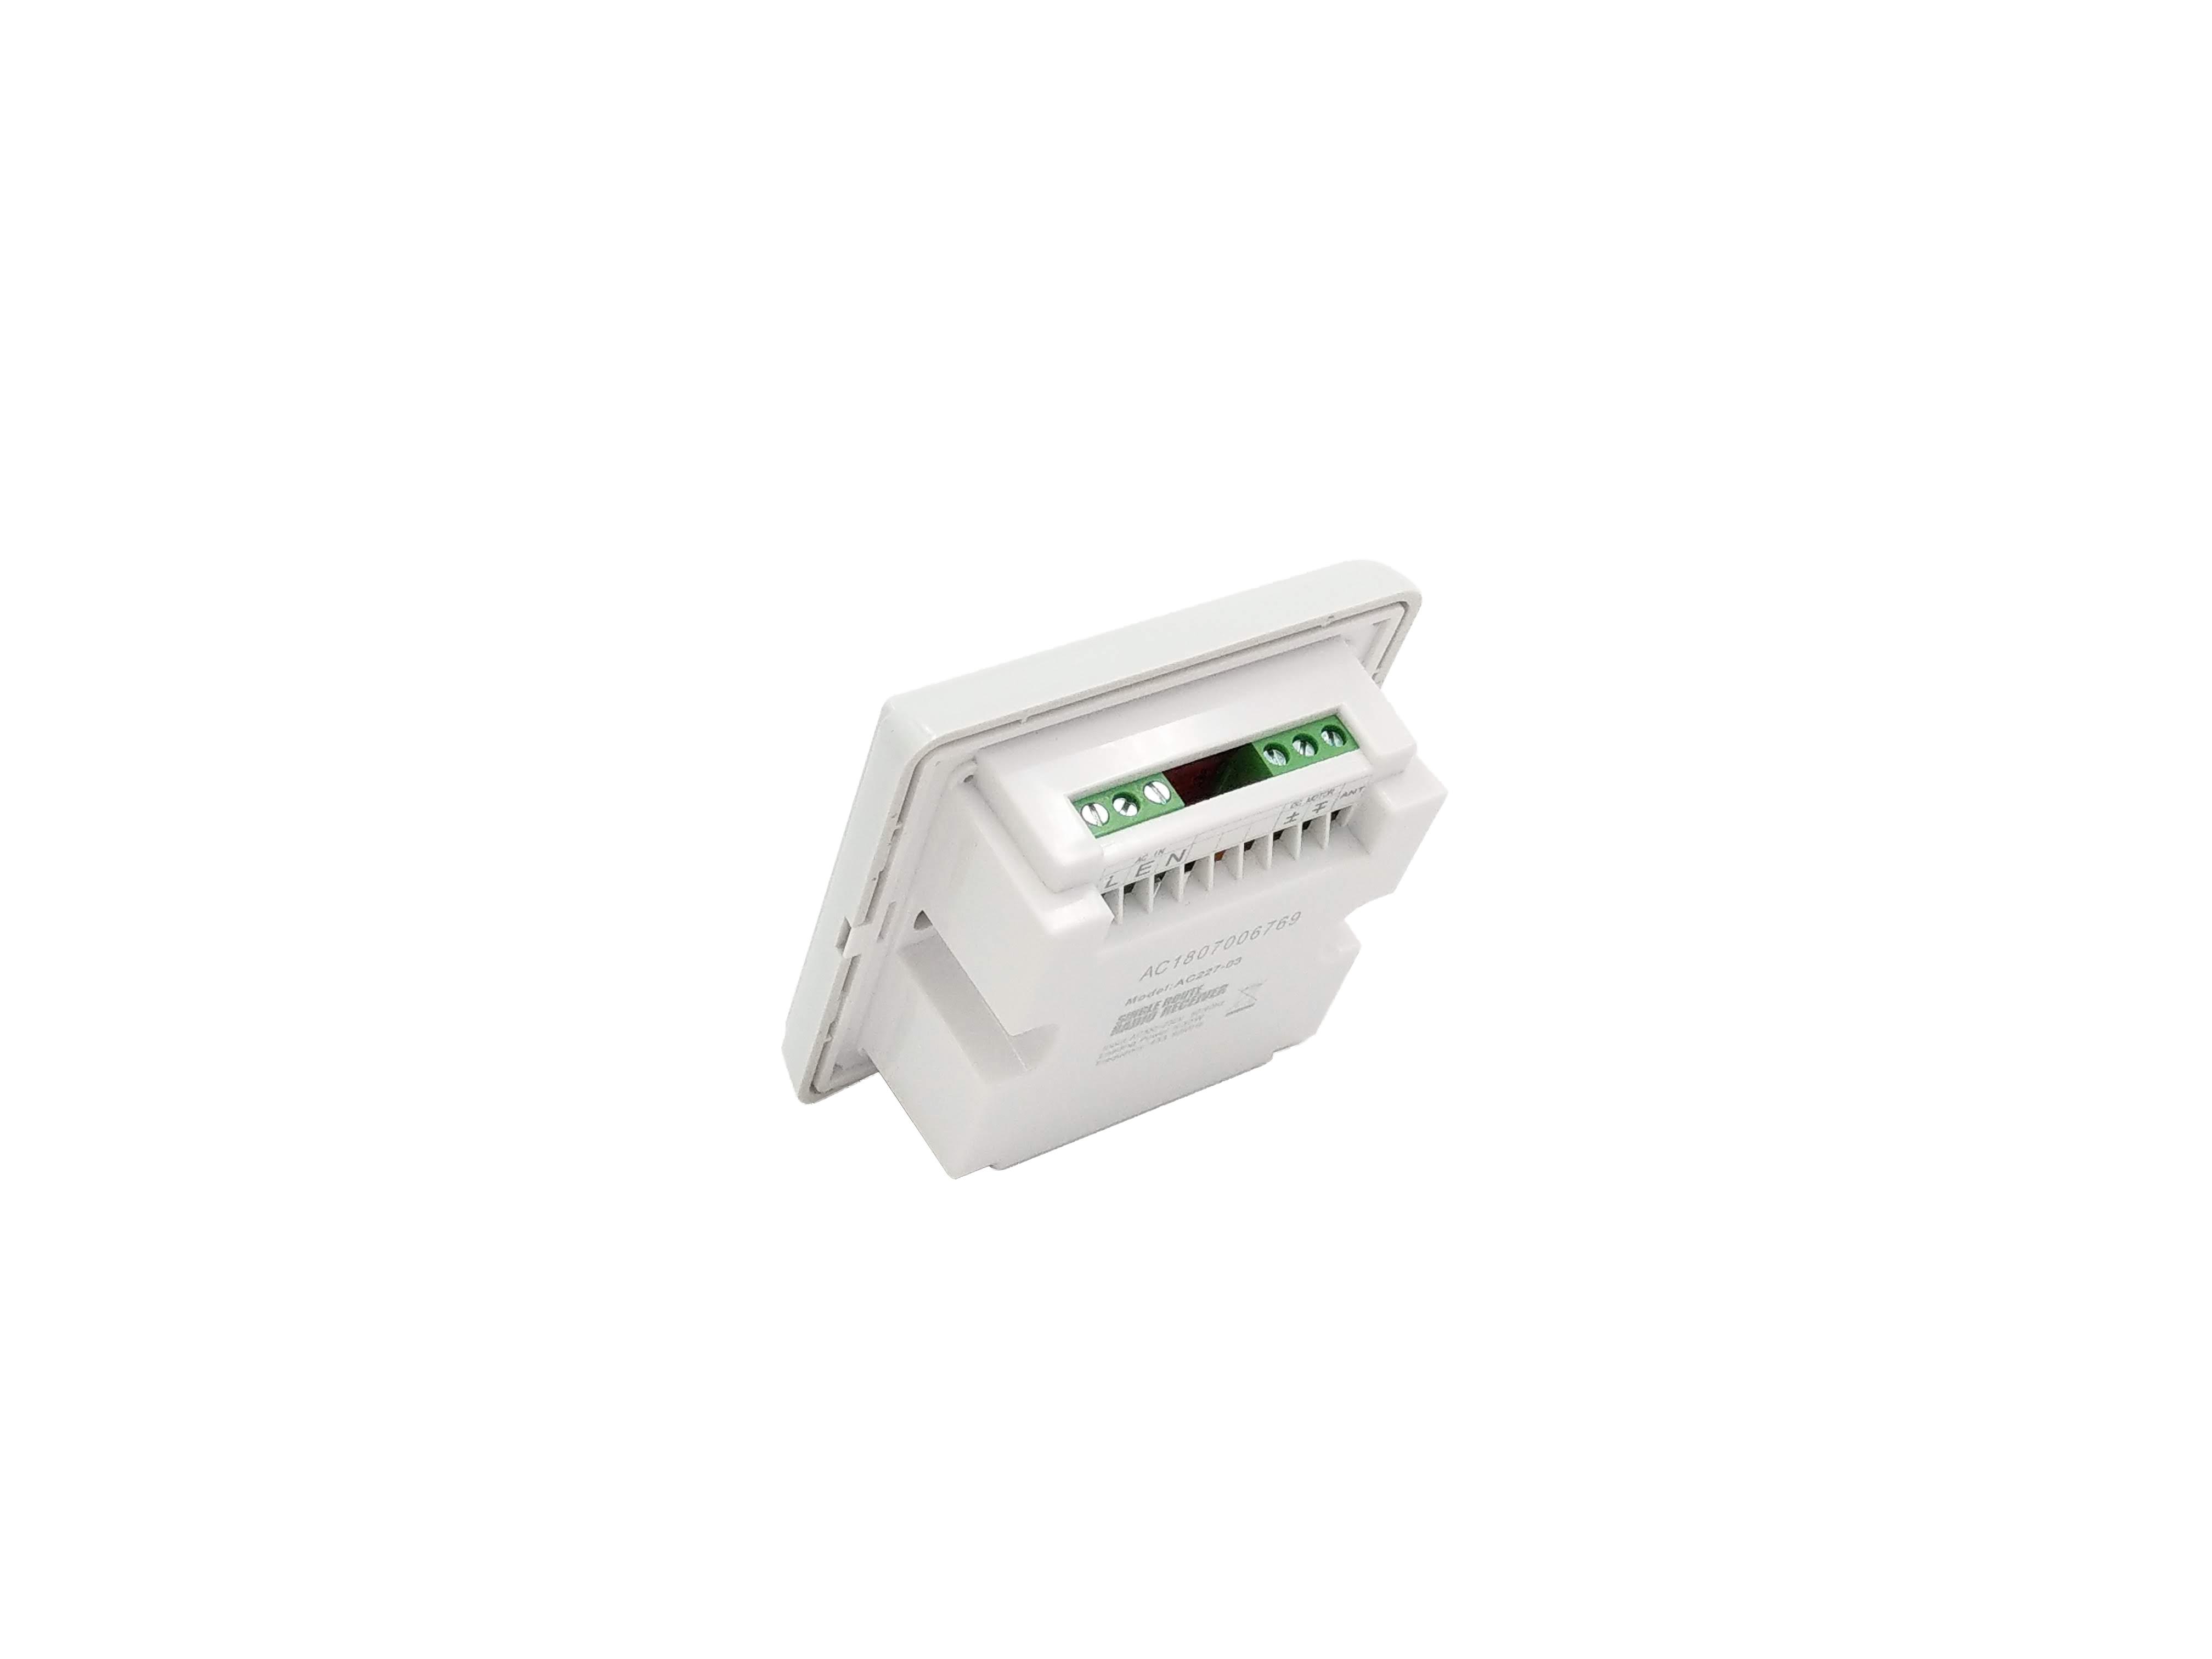 KST-B861-R - actuator controller - 2